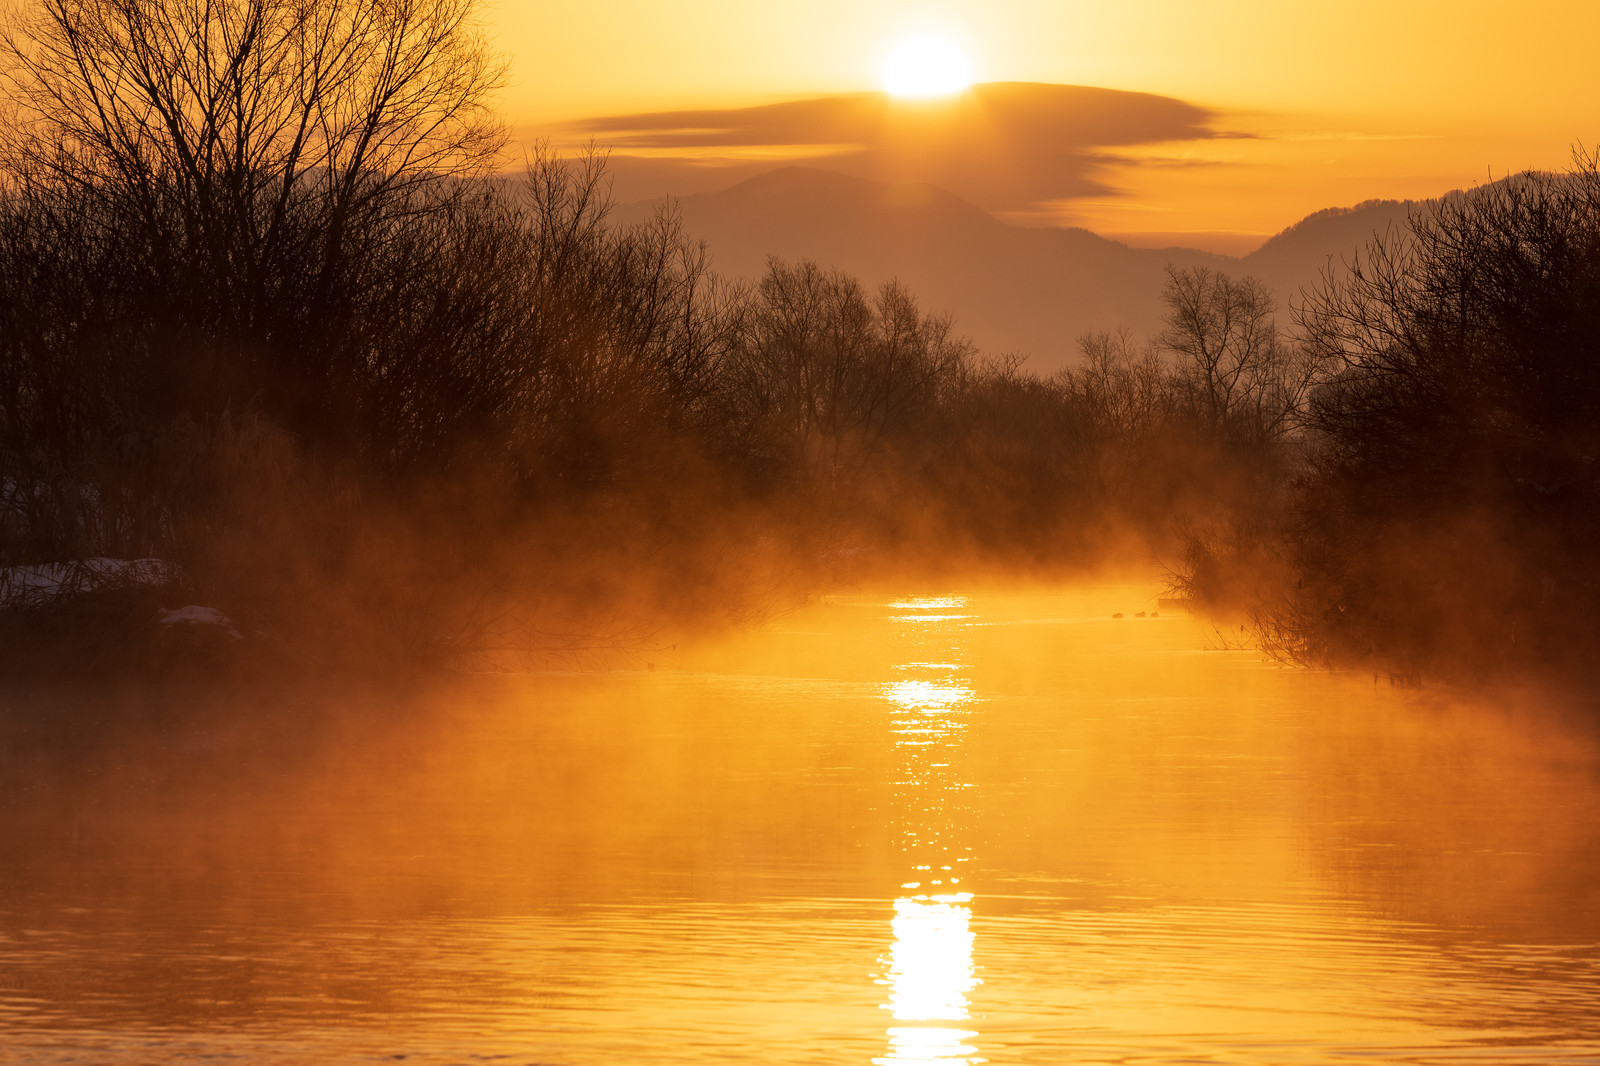 「立ち上がる蒸気霧と朝日」の写真